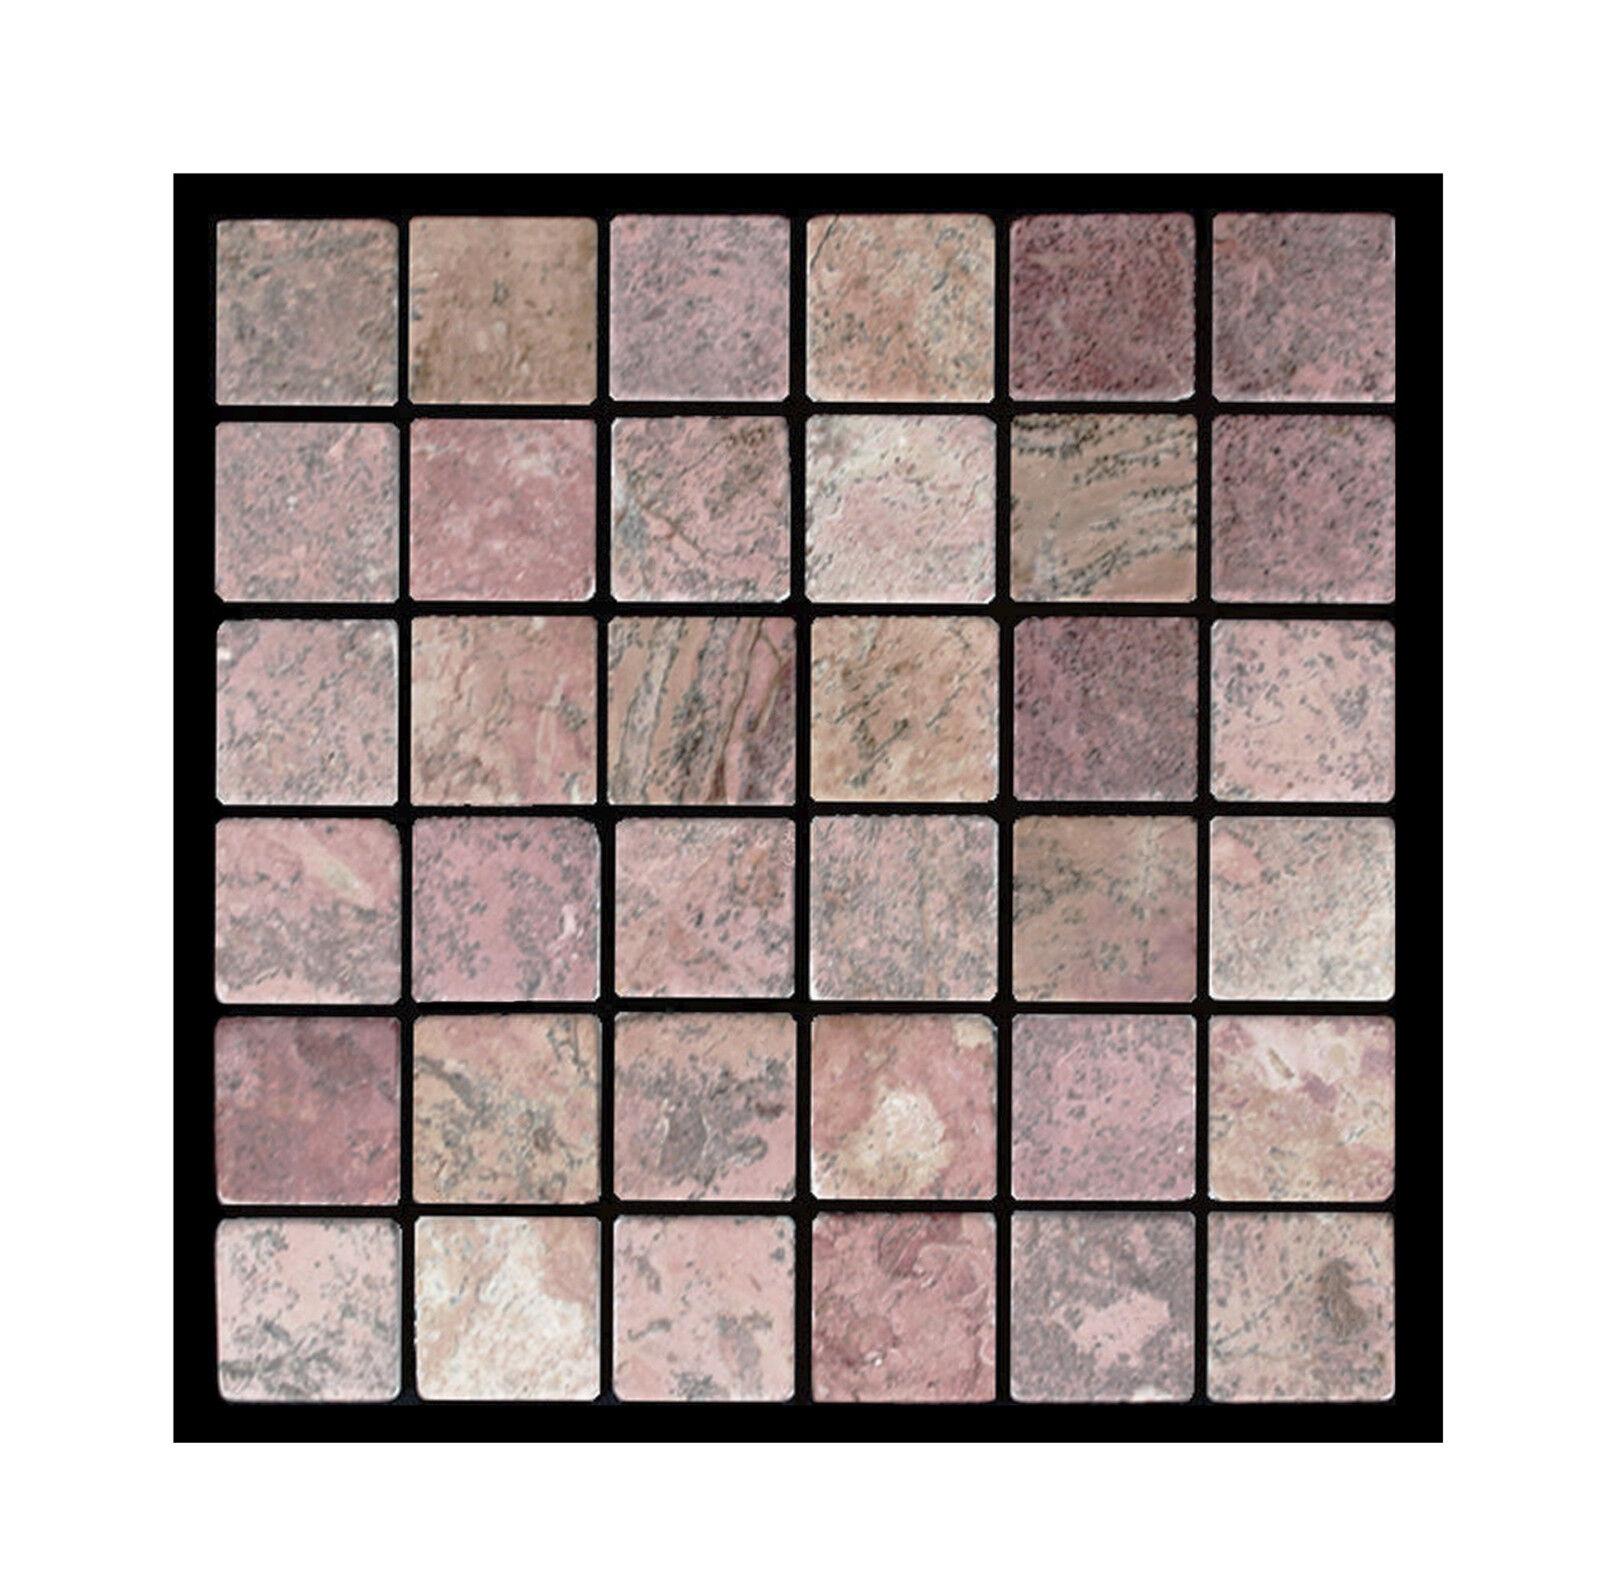 1 qm  - PA-802 - Marmor-Mosaik Toskana Rot 5x5 Küchen Badezimmer Pool Fliesen